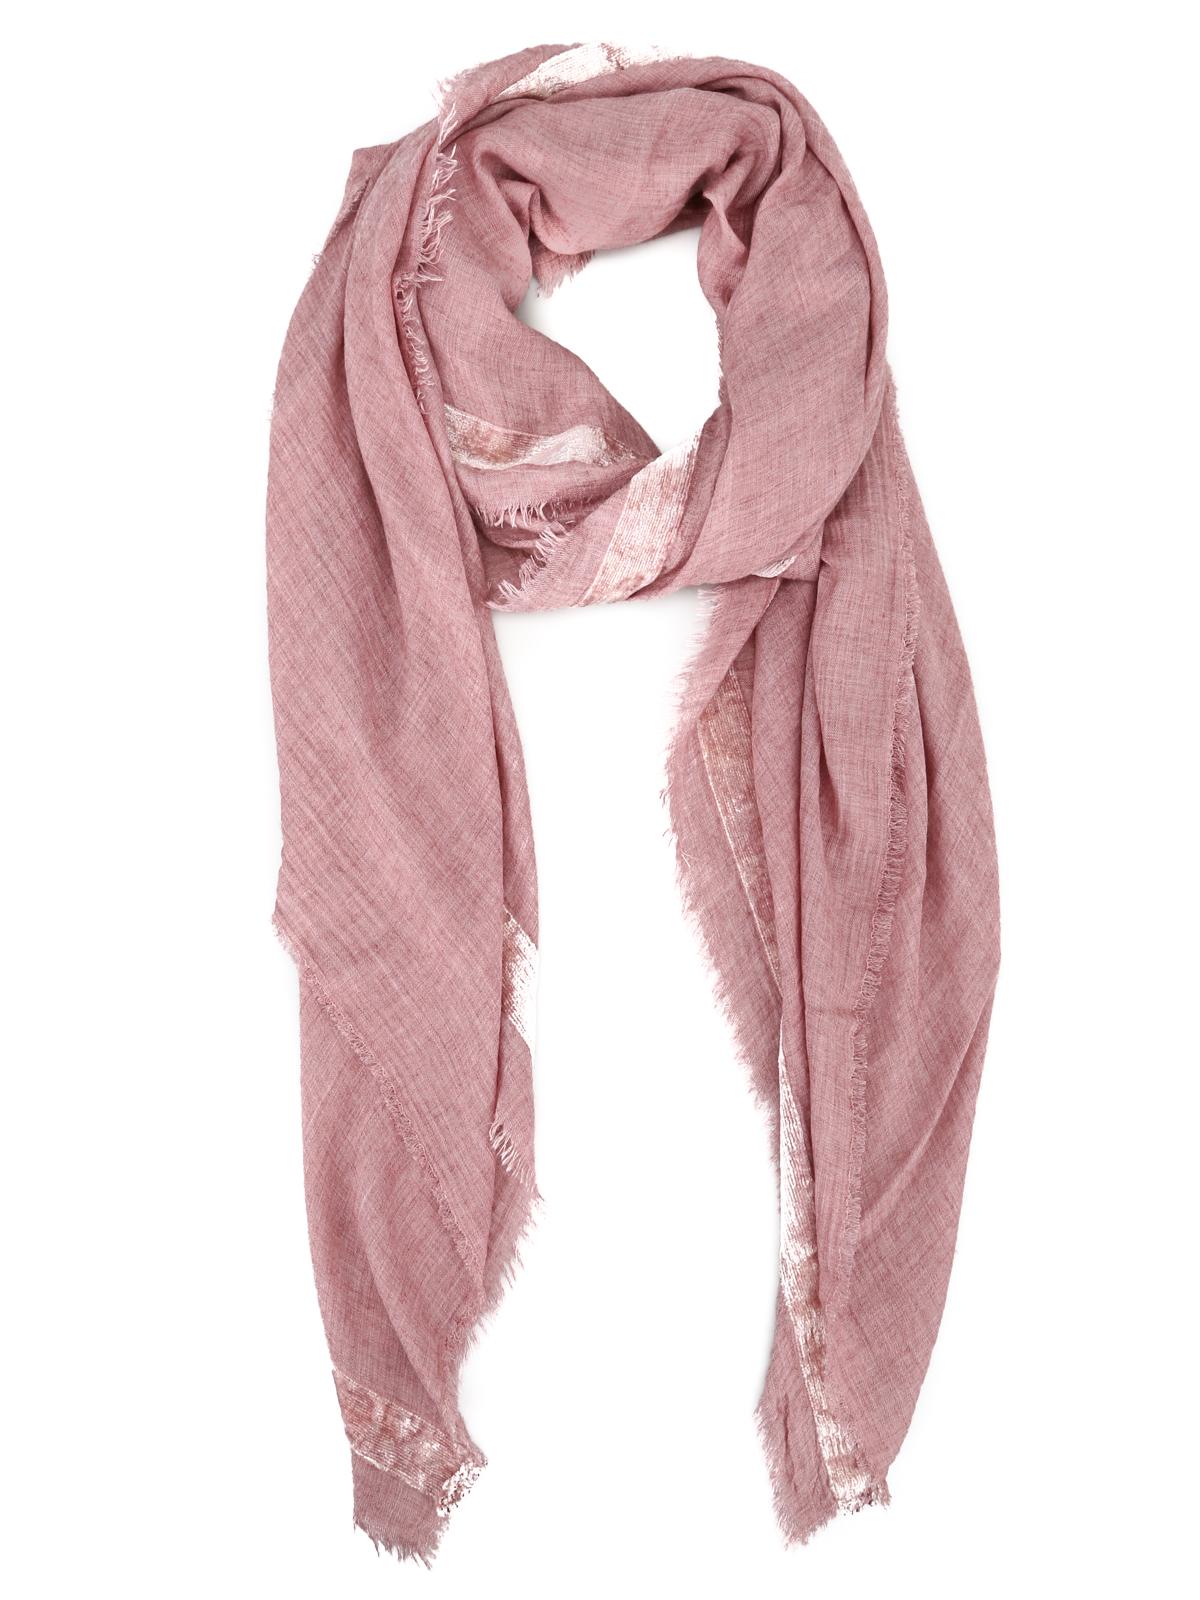 bellissimo aspetto meglio nuova alta qualità Faliero Sarti - Sciarpa rosa Mask in misto cashmere ...